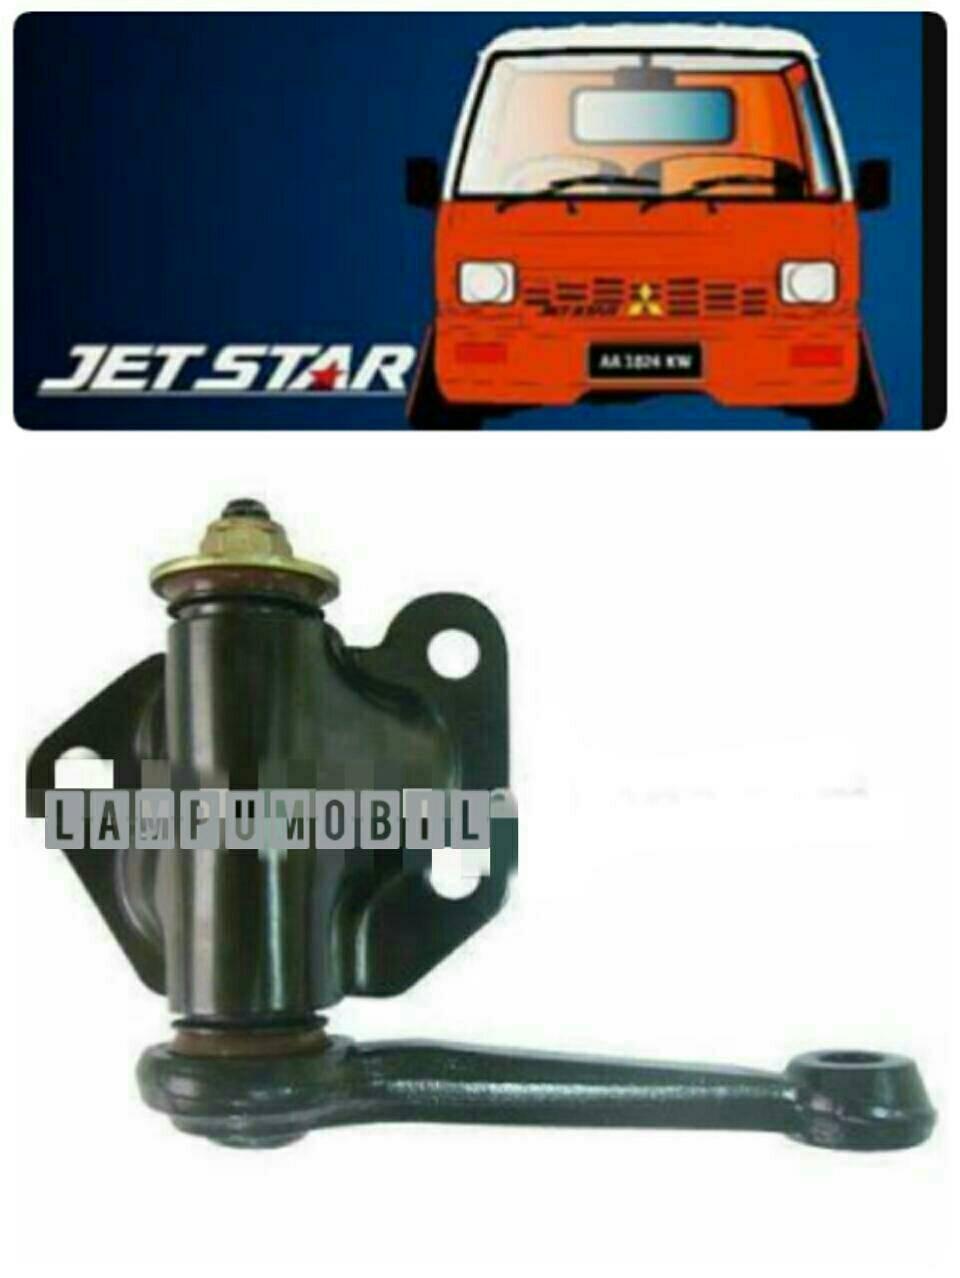 harga Idle Arm Mitsubishi Jetstar Tokopedia.com